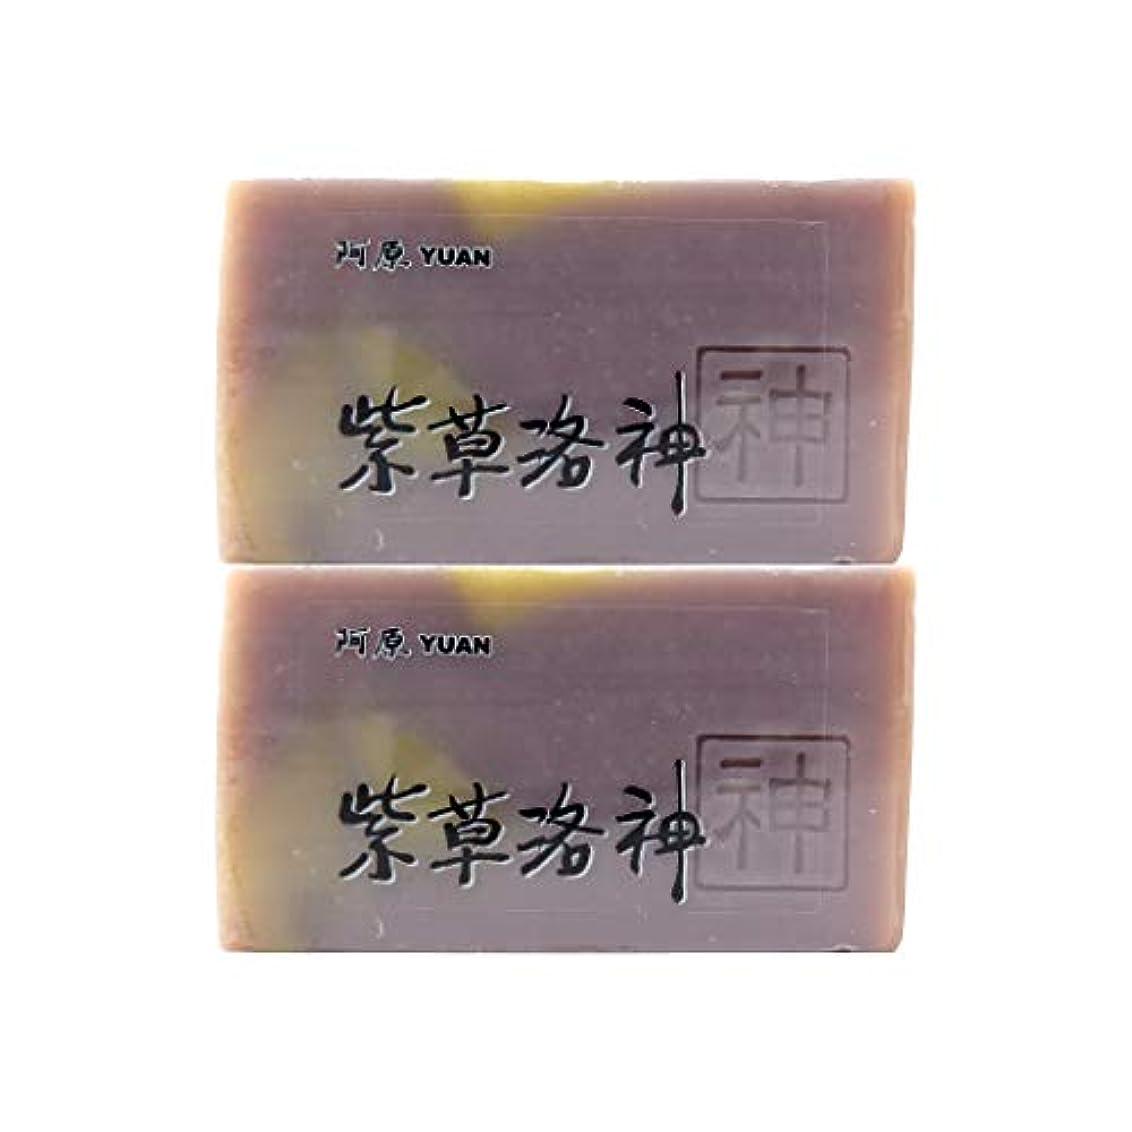 ライトニング発明する夜明けにユアン(YUAN) ハイビスカスソープ 100g (2個セット)